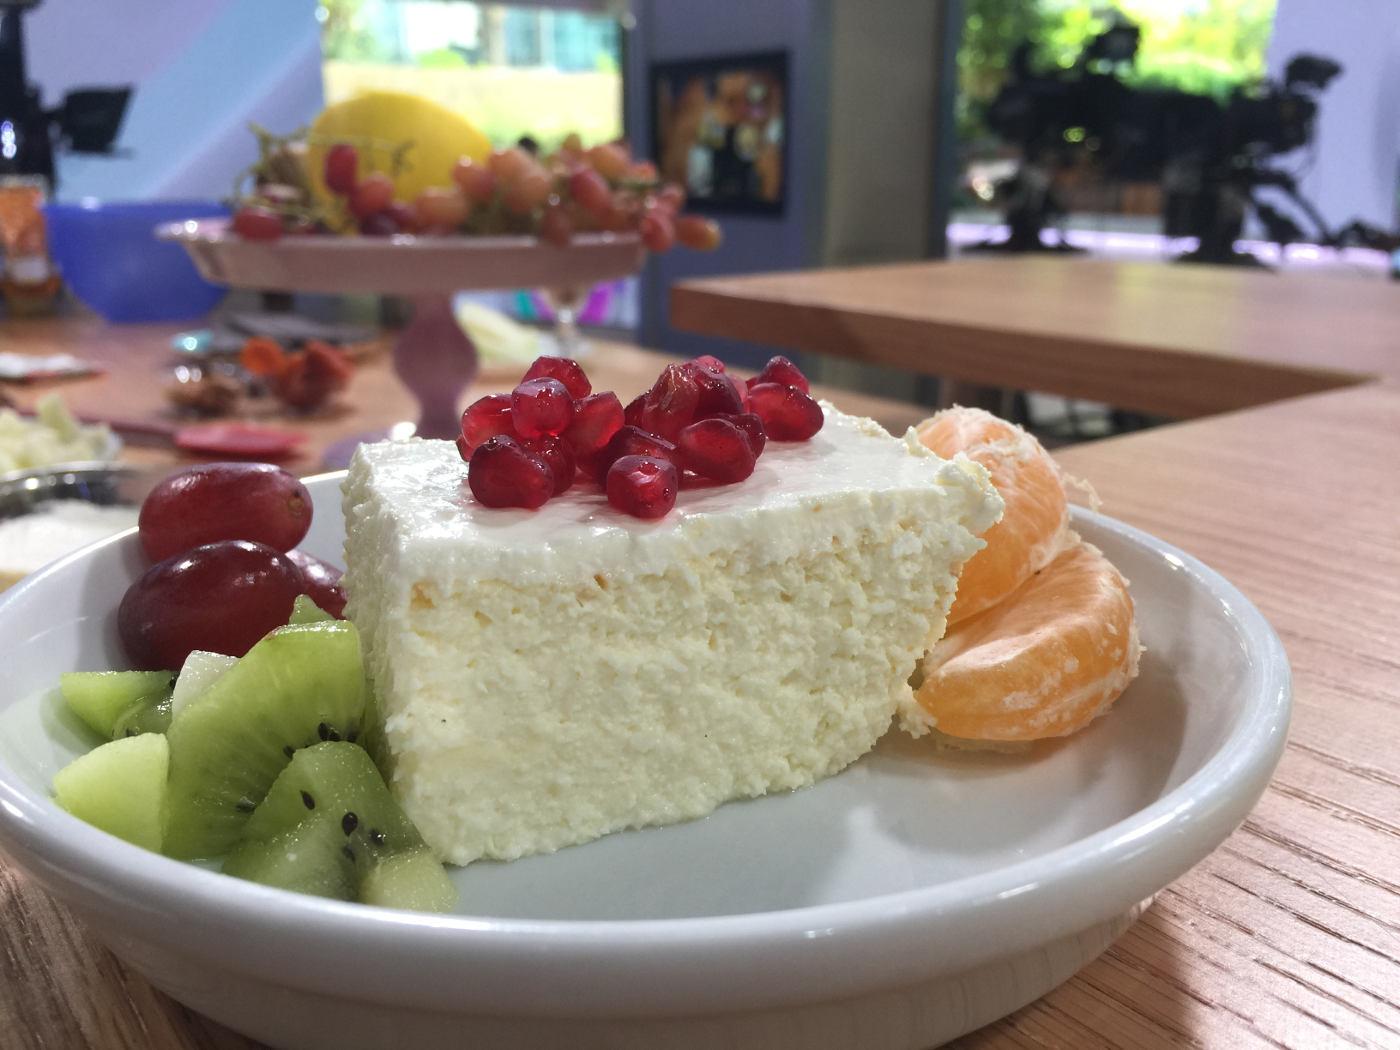 עוגת גבינה עשירה ללא קמח ודלת סוכר